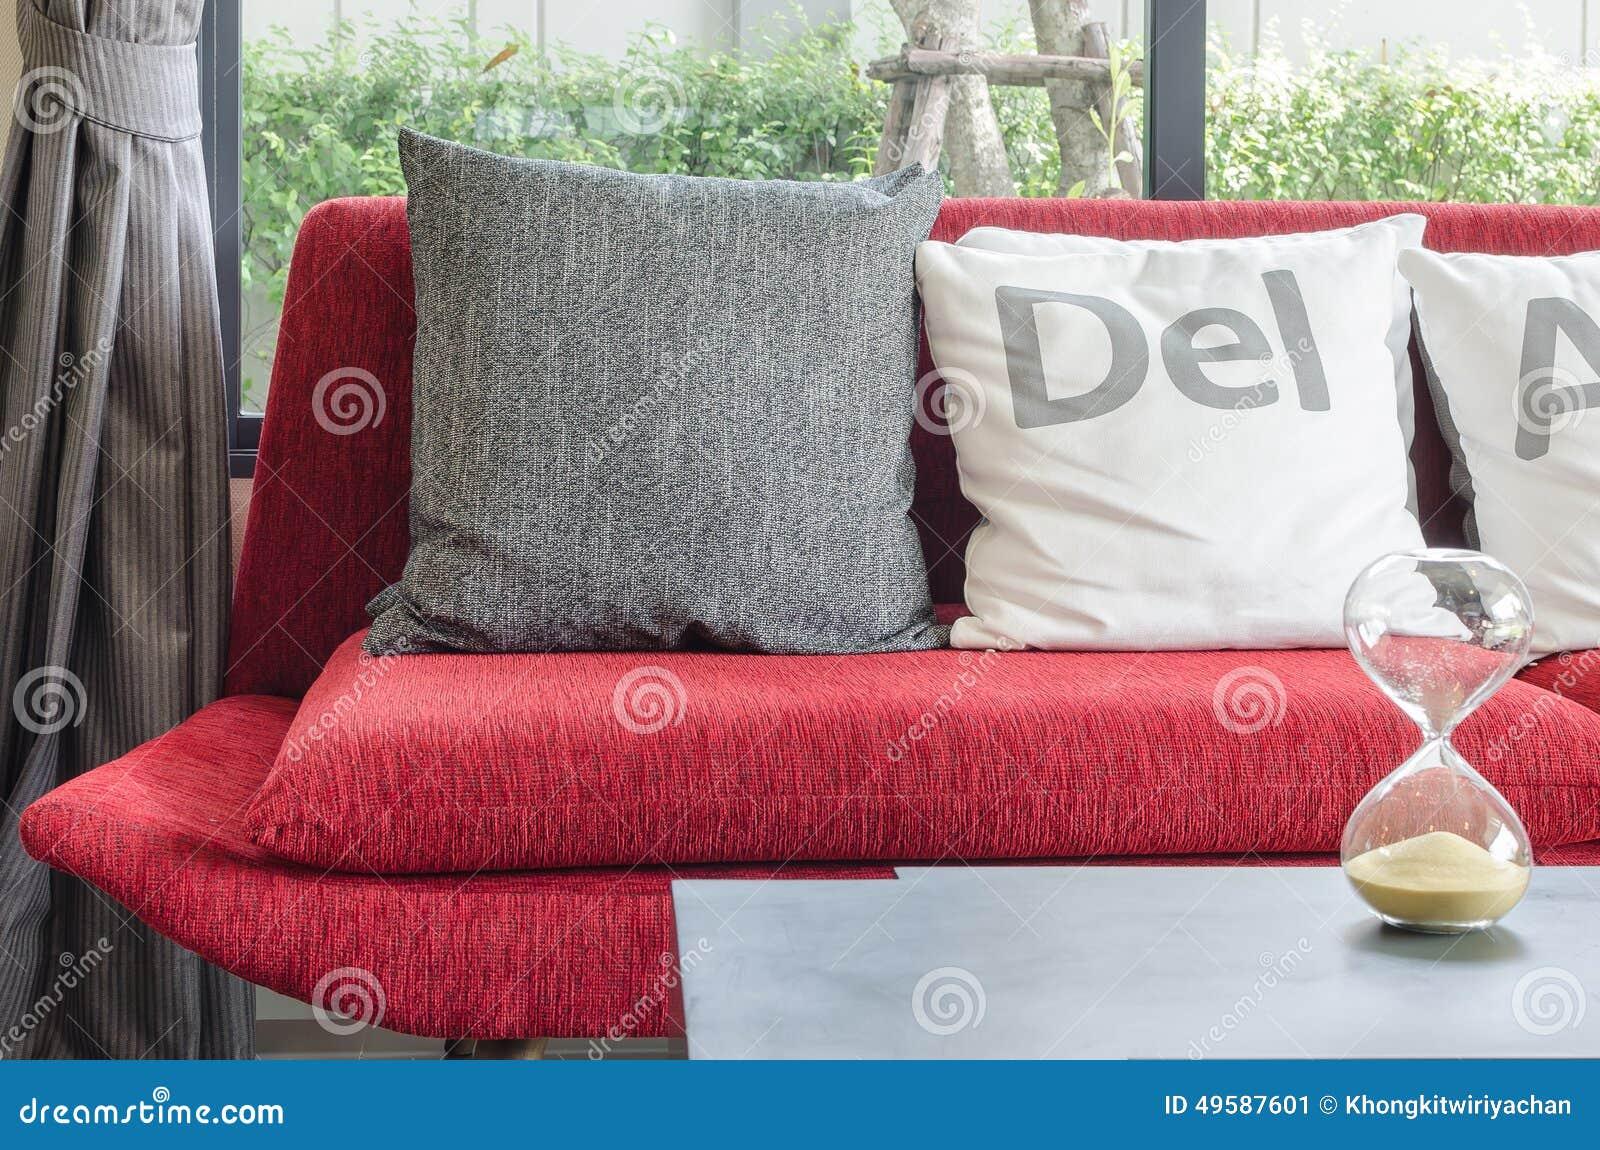 modernes rotes sofa mit kissen im wohnzimmer stockfoto - bild, Hause ideen